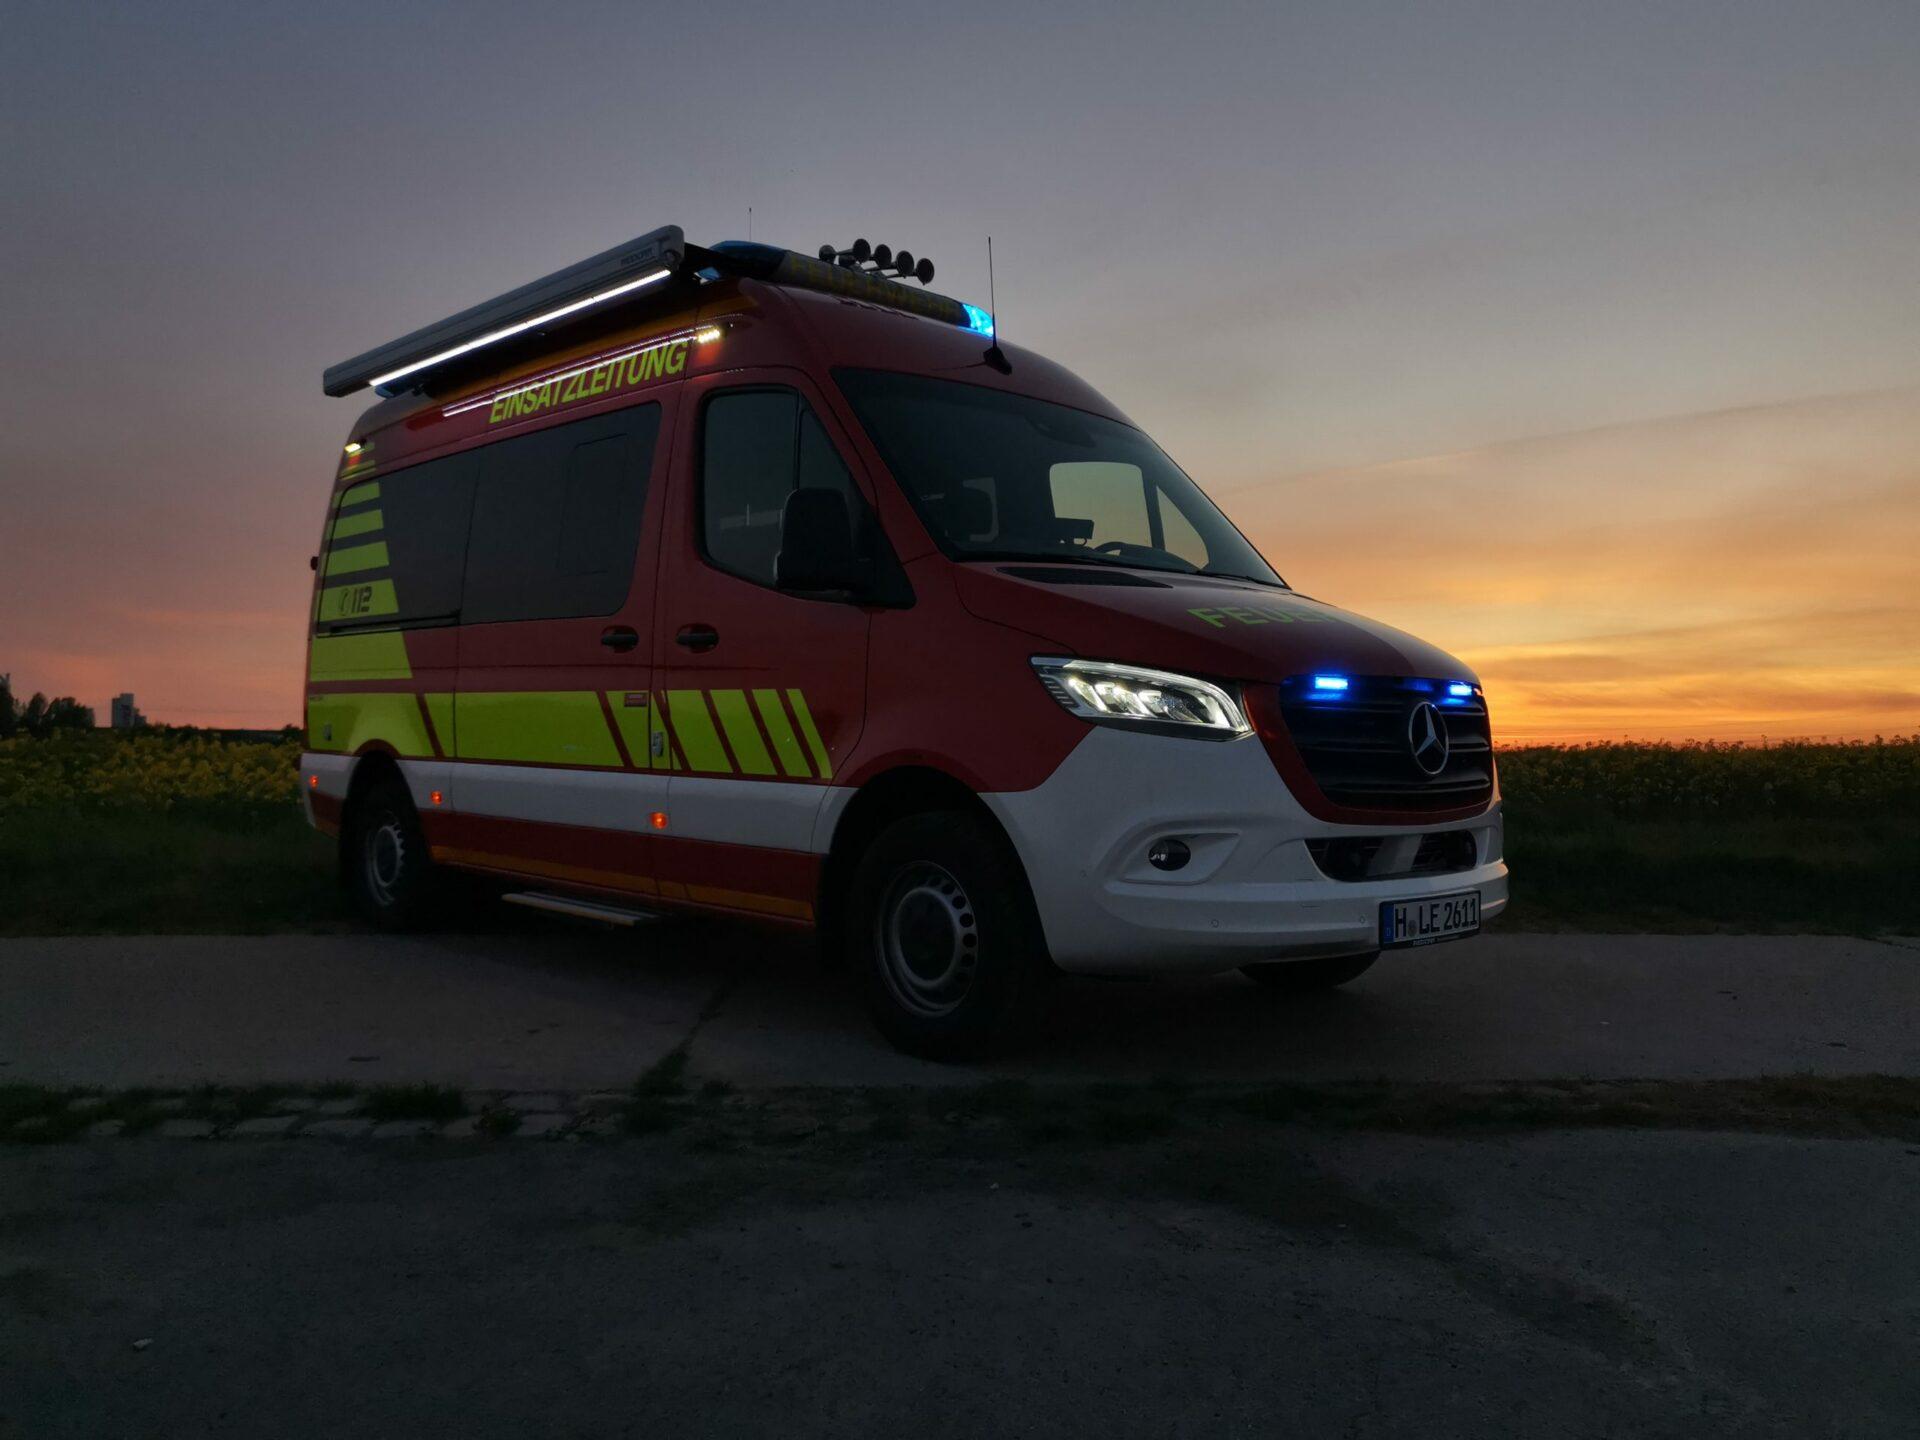 Vorstellungsvideo zum neuen ELW 1 der Feuerwehr Lehrte